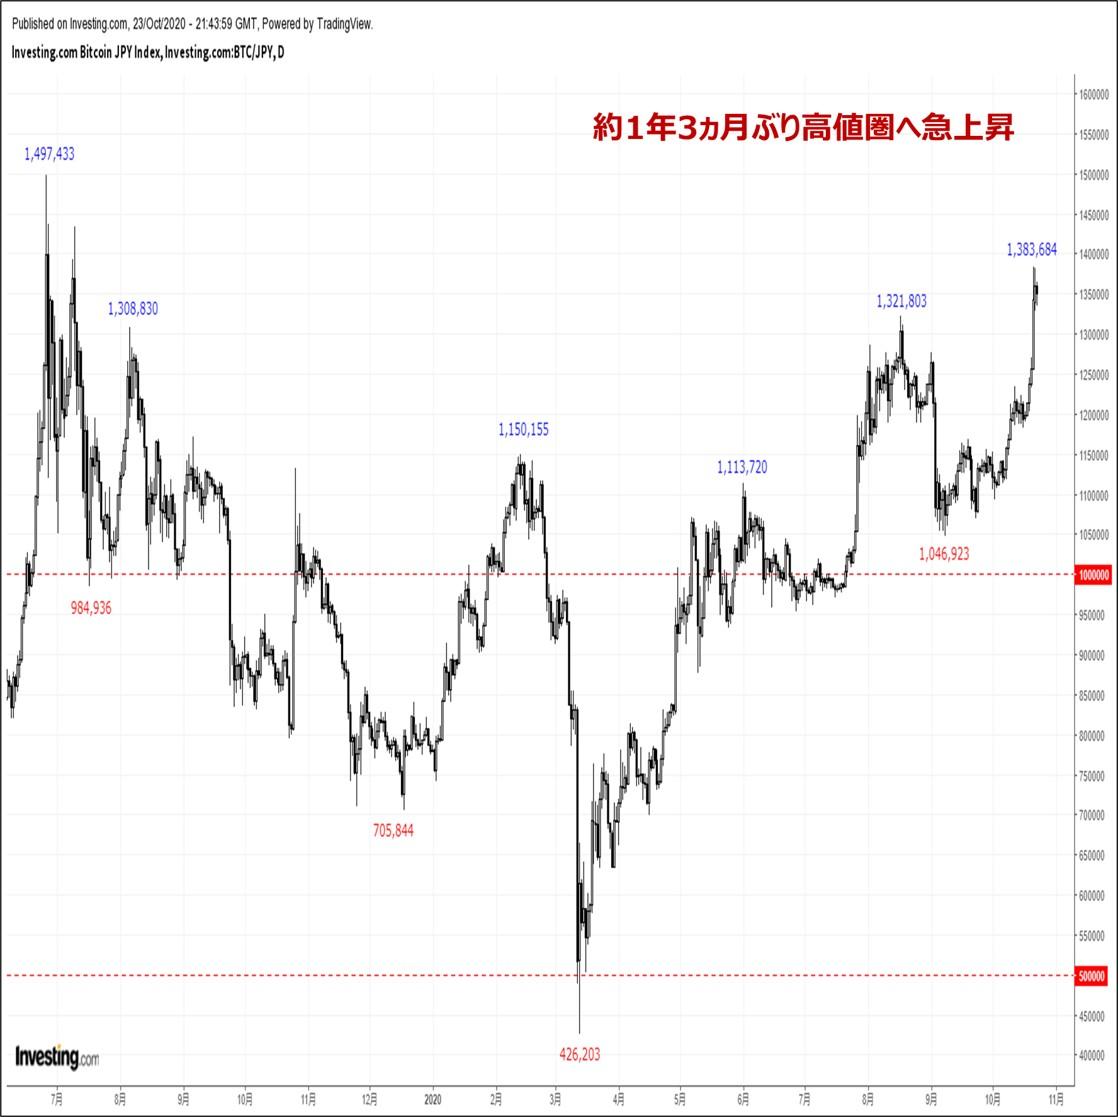 ビットコインの価格分析:『約1年3ヵ月ぶり高値圏へ急上昇。テクニカル的な強さが顕著』